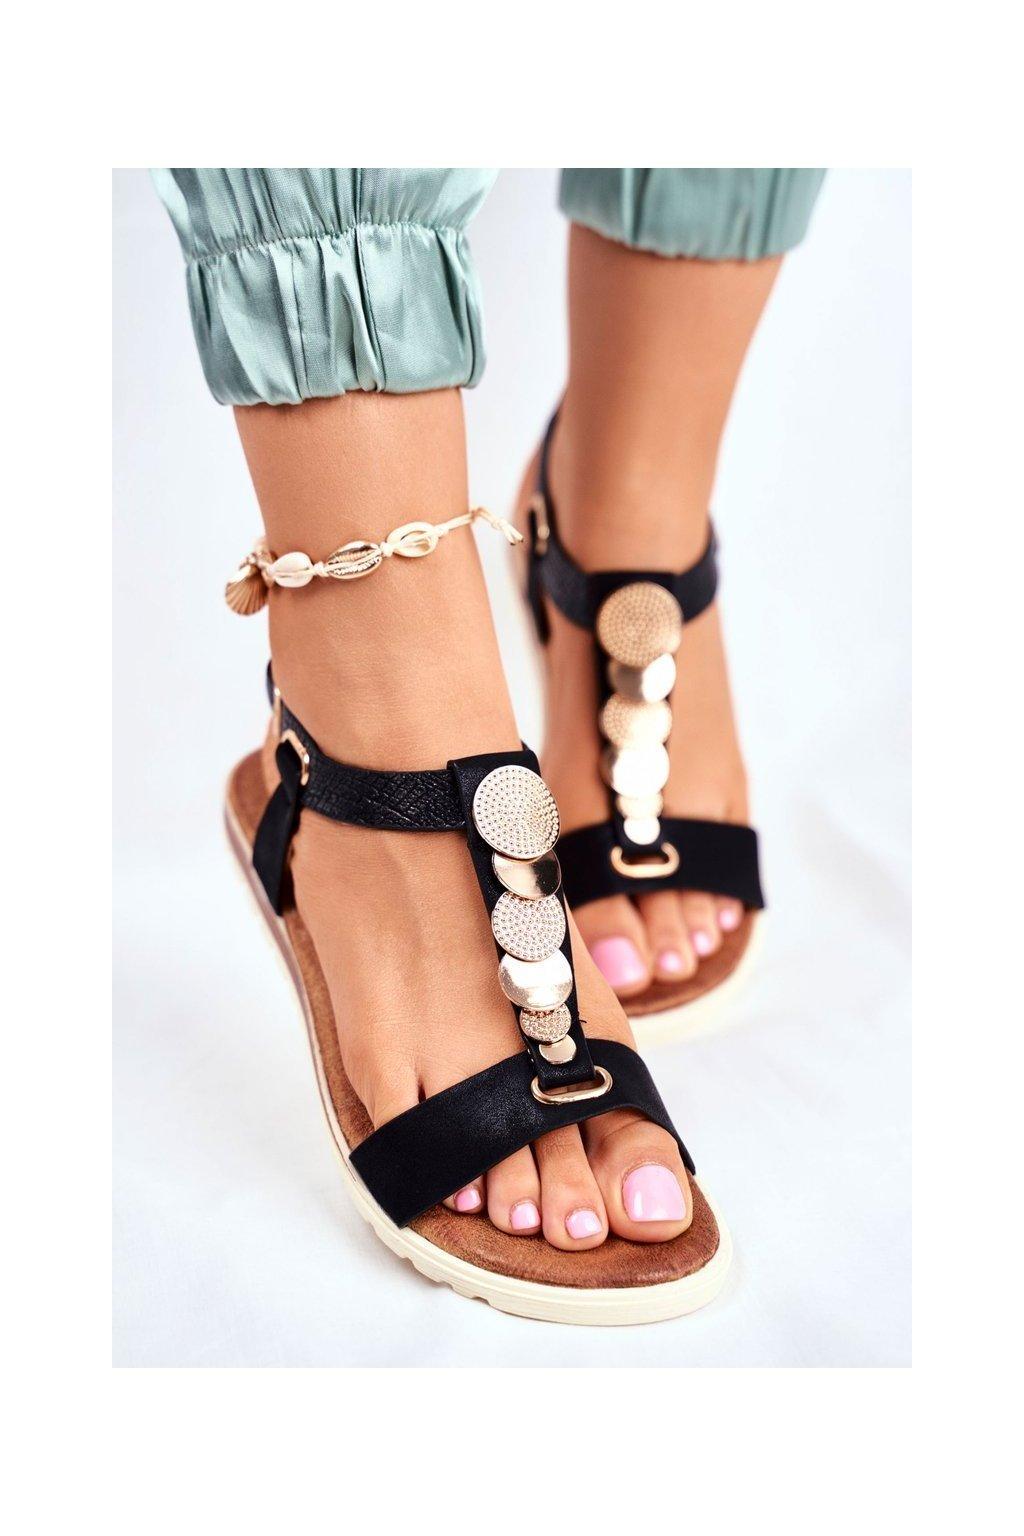 Dámske sandále čierne na plochom podpätku 20SD14-2067 BLK